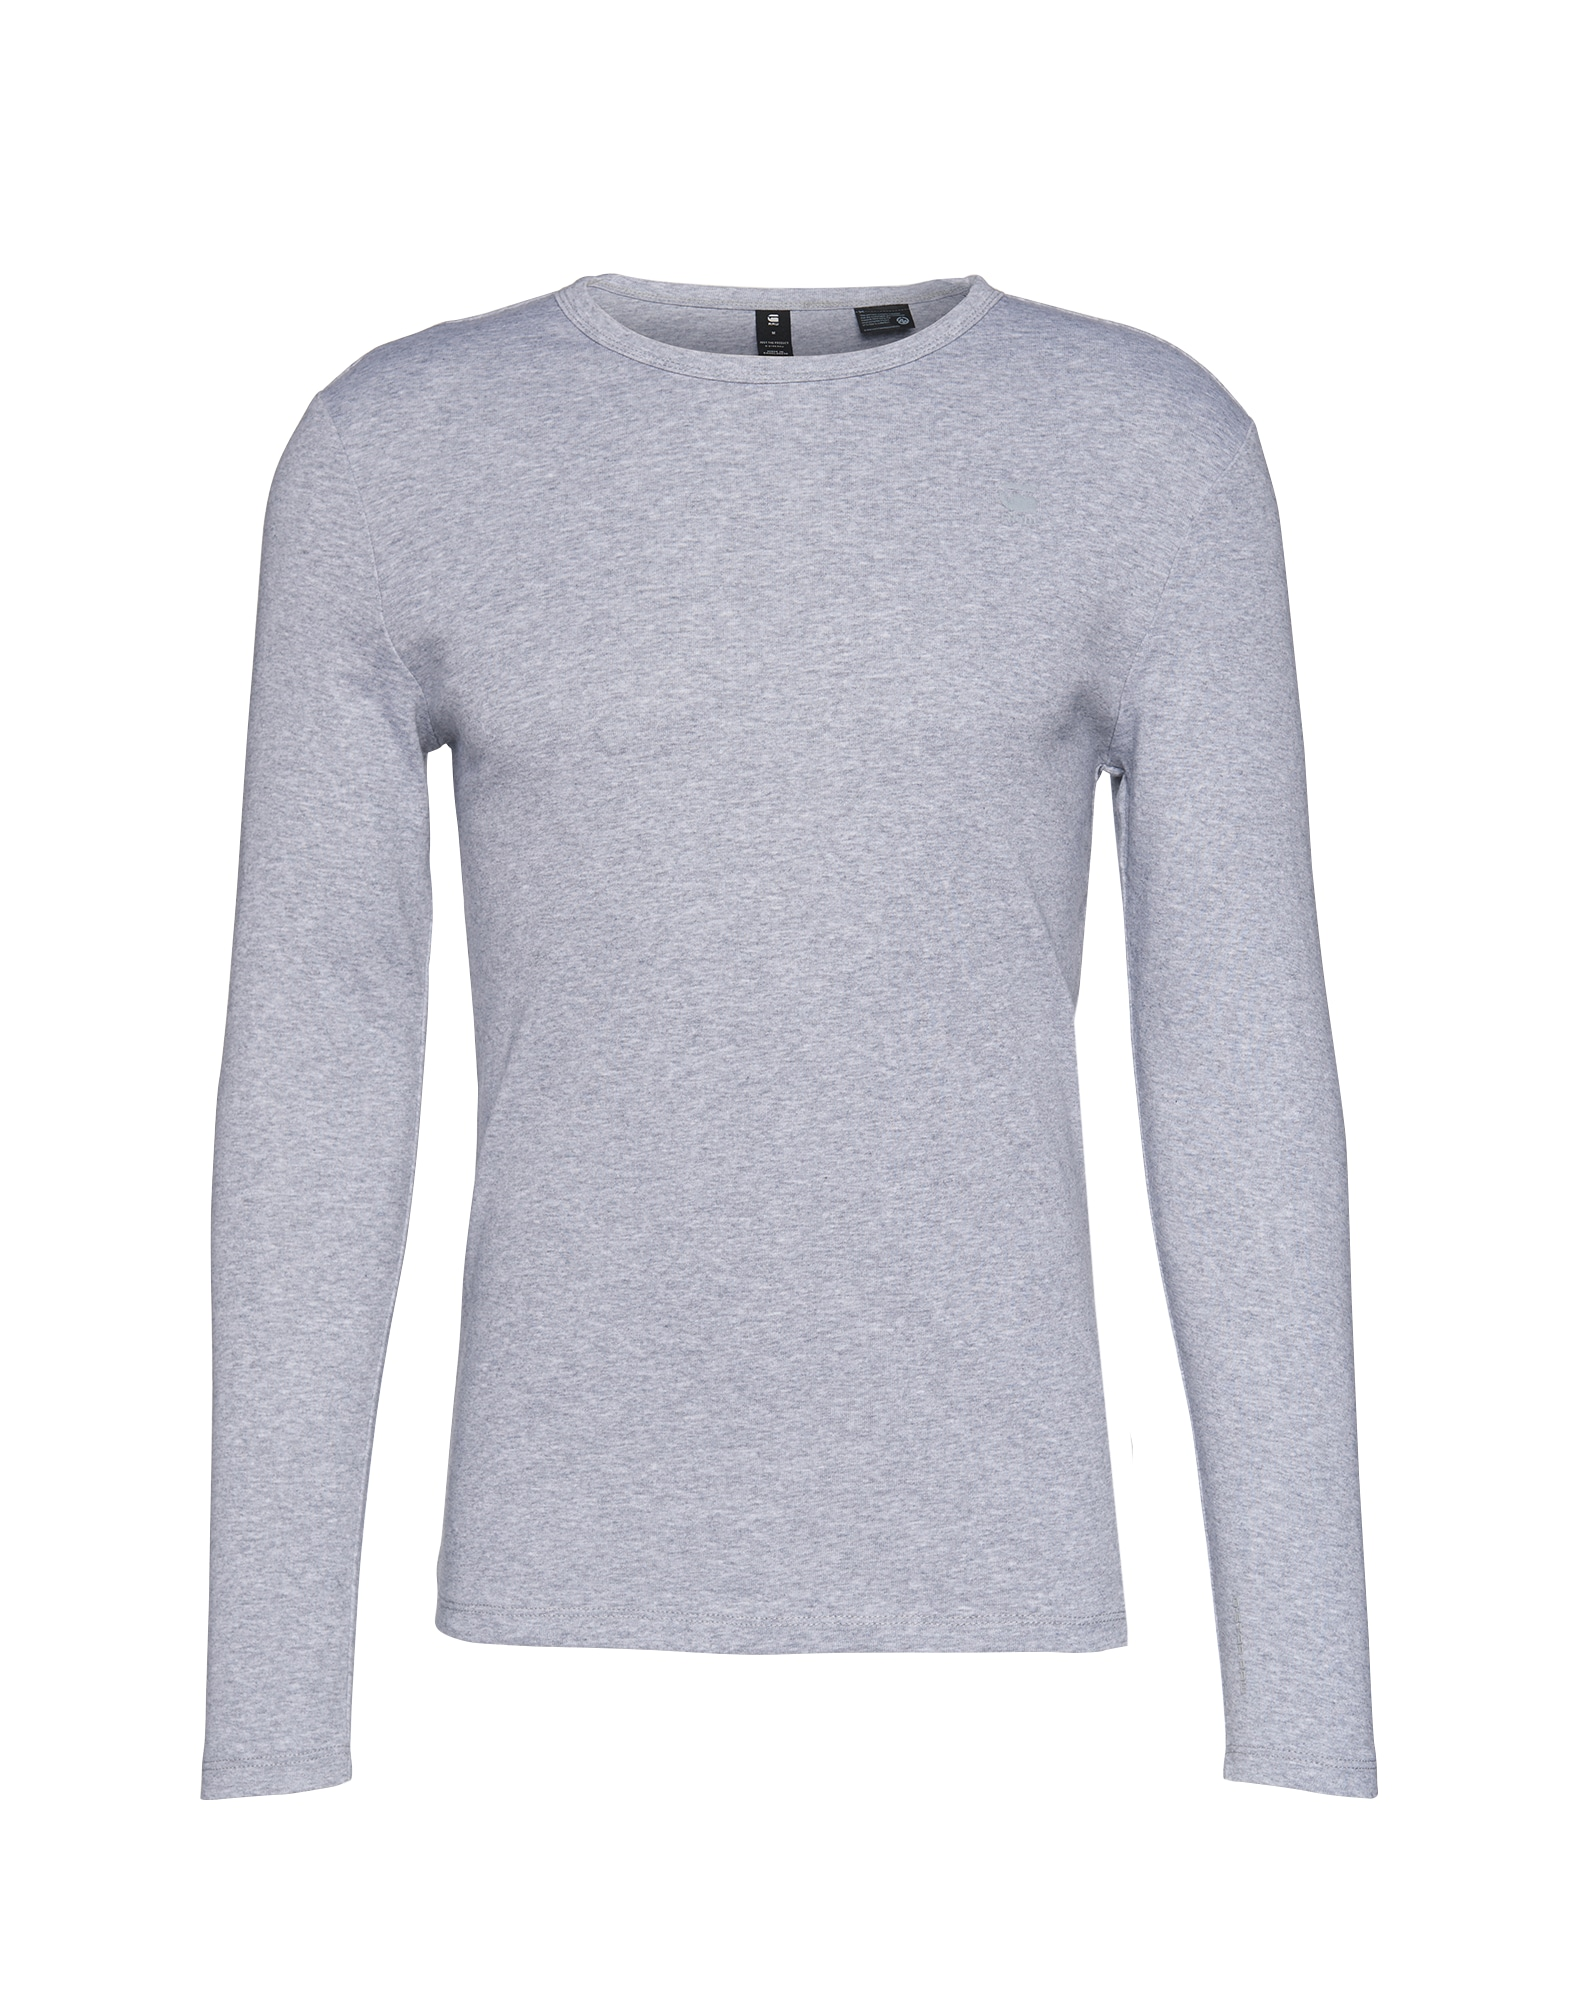 Tričko Base R T LS šedý melír G-STAR RAW